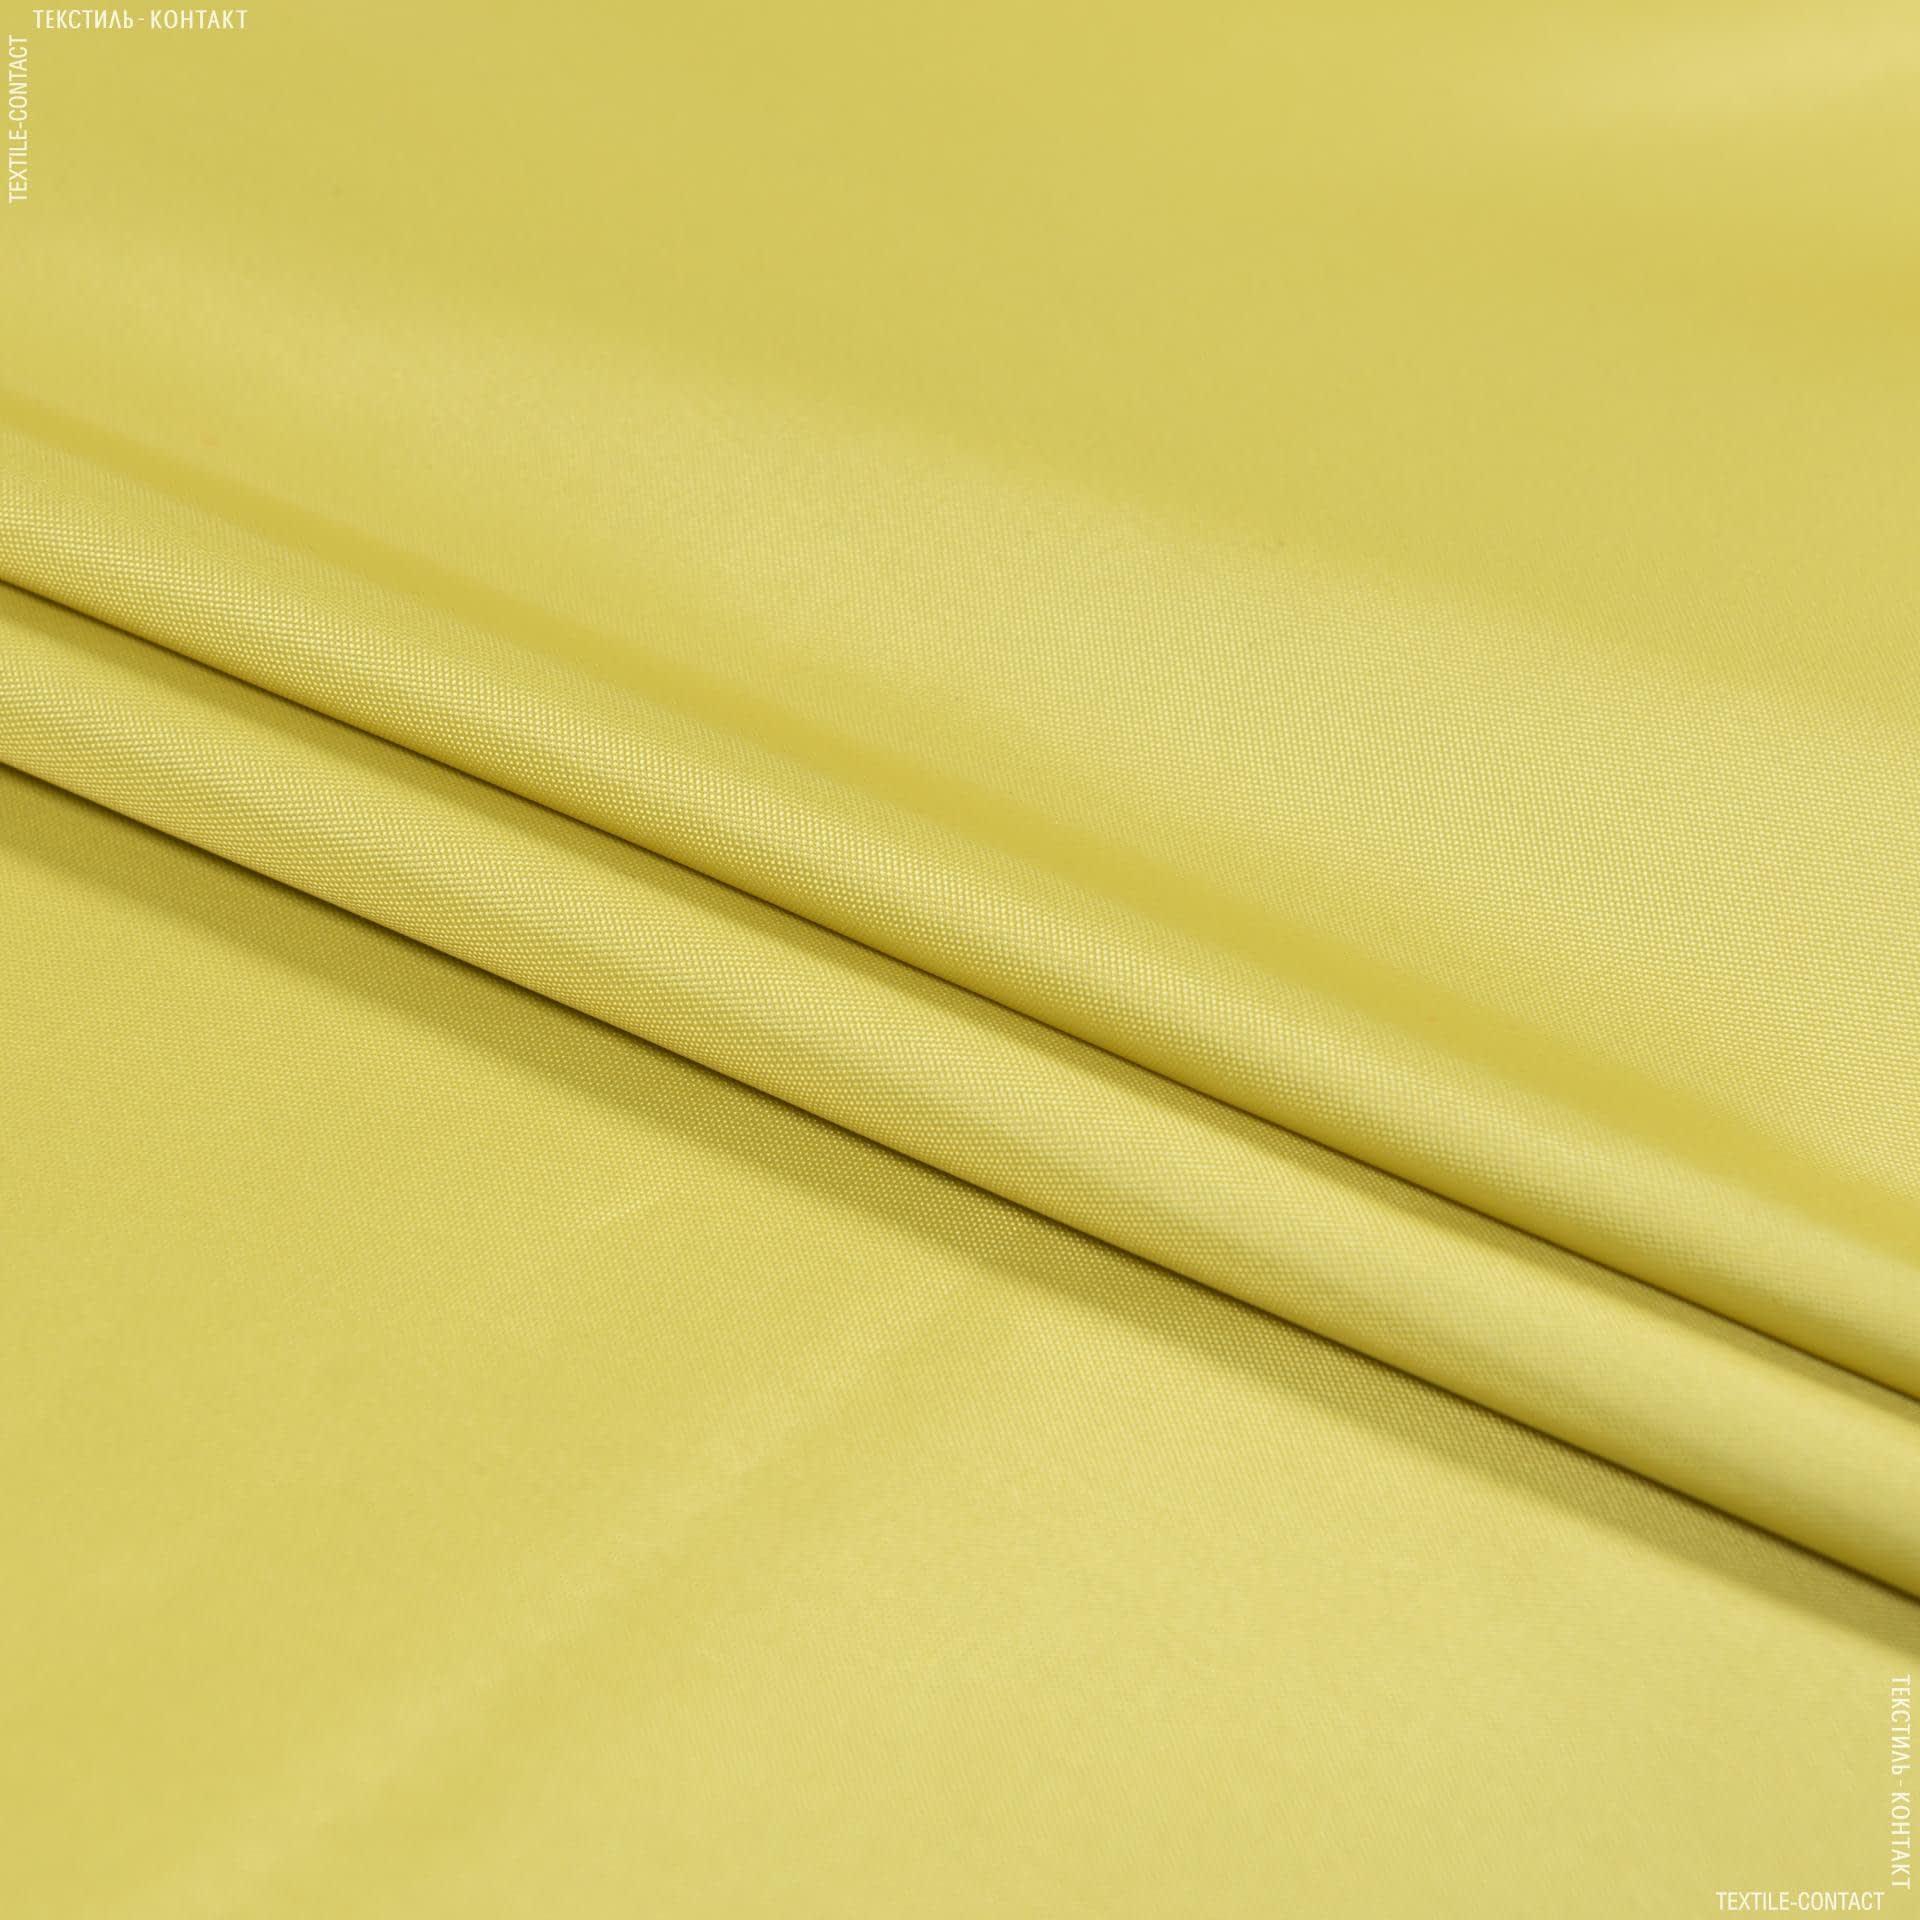 Ткани для верхней одежды - Болония сильвер горчица